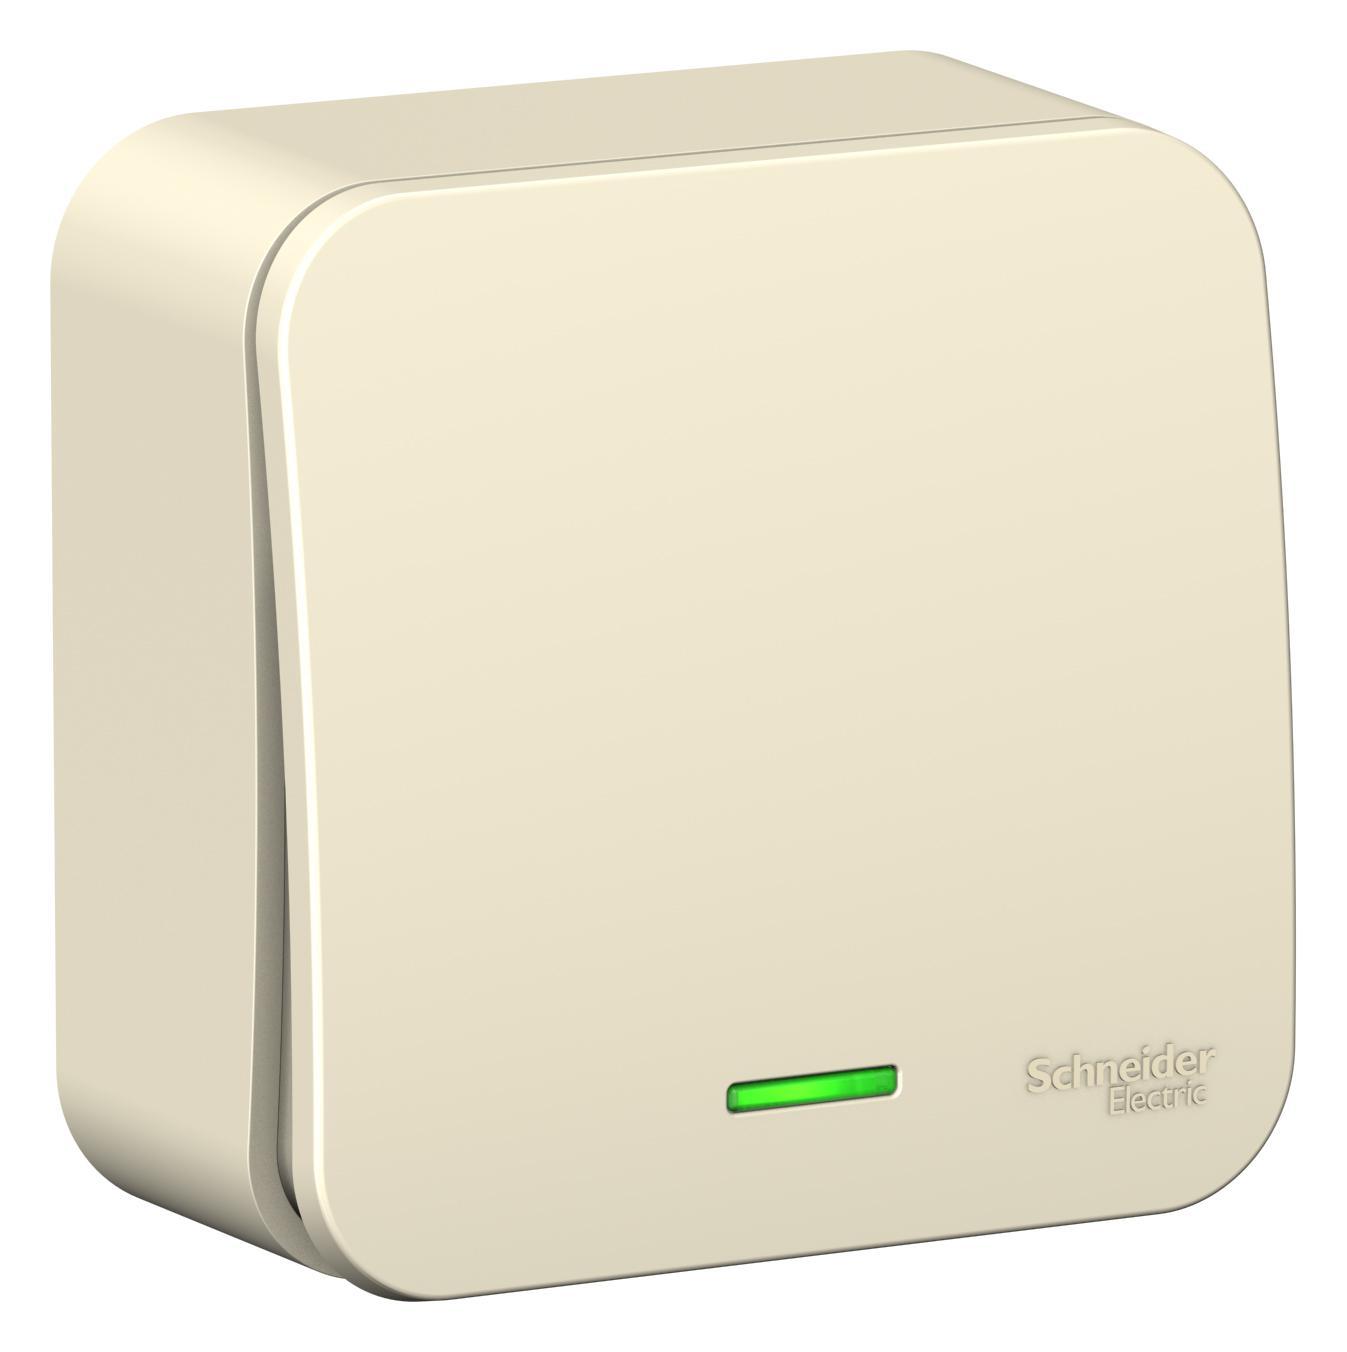 Выключатель Schneider electric Blnva101102 blanca выключатель schneider electric blnva105014 blanca